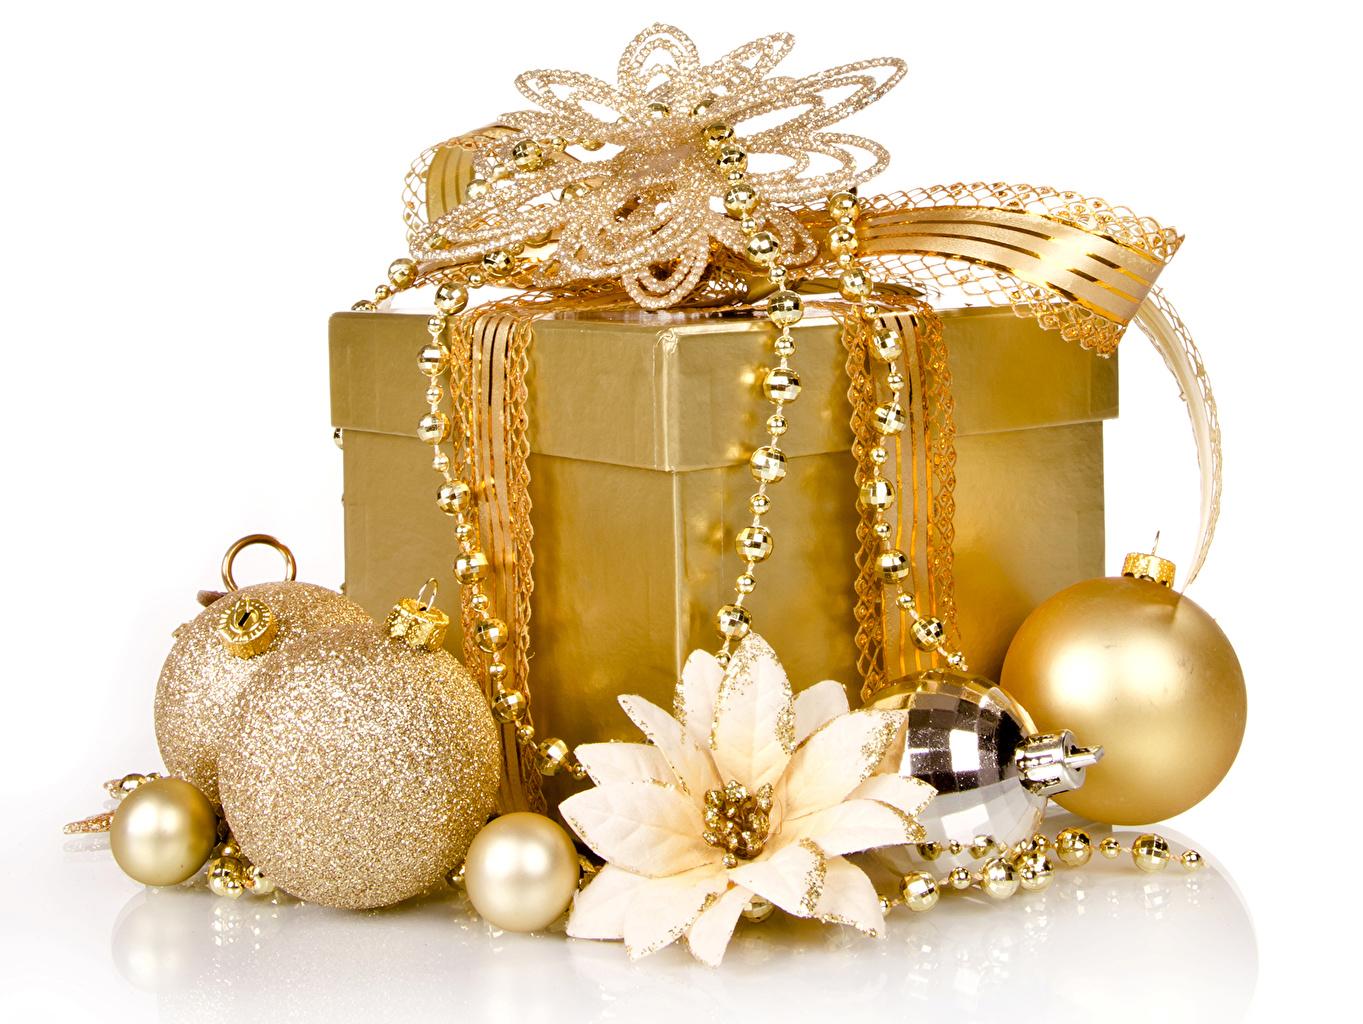 Фото Рождество Золотой подарок коробки Шар белом фоне Украшения Новый год золотые золотая золотых Подарки Коробка коробке подарков Шарики Белый фон белым фоном